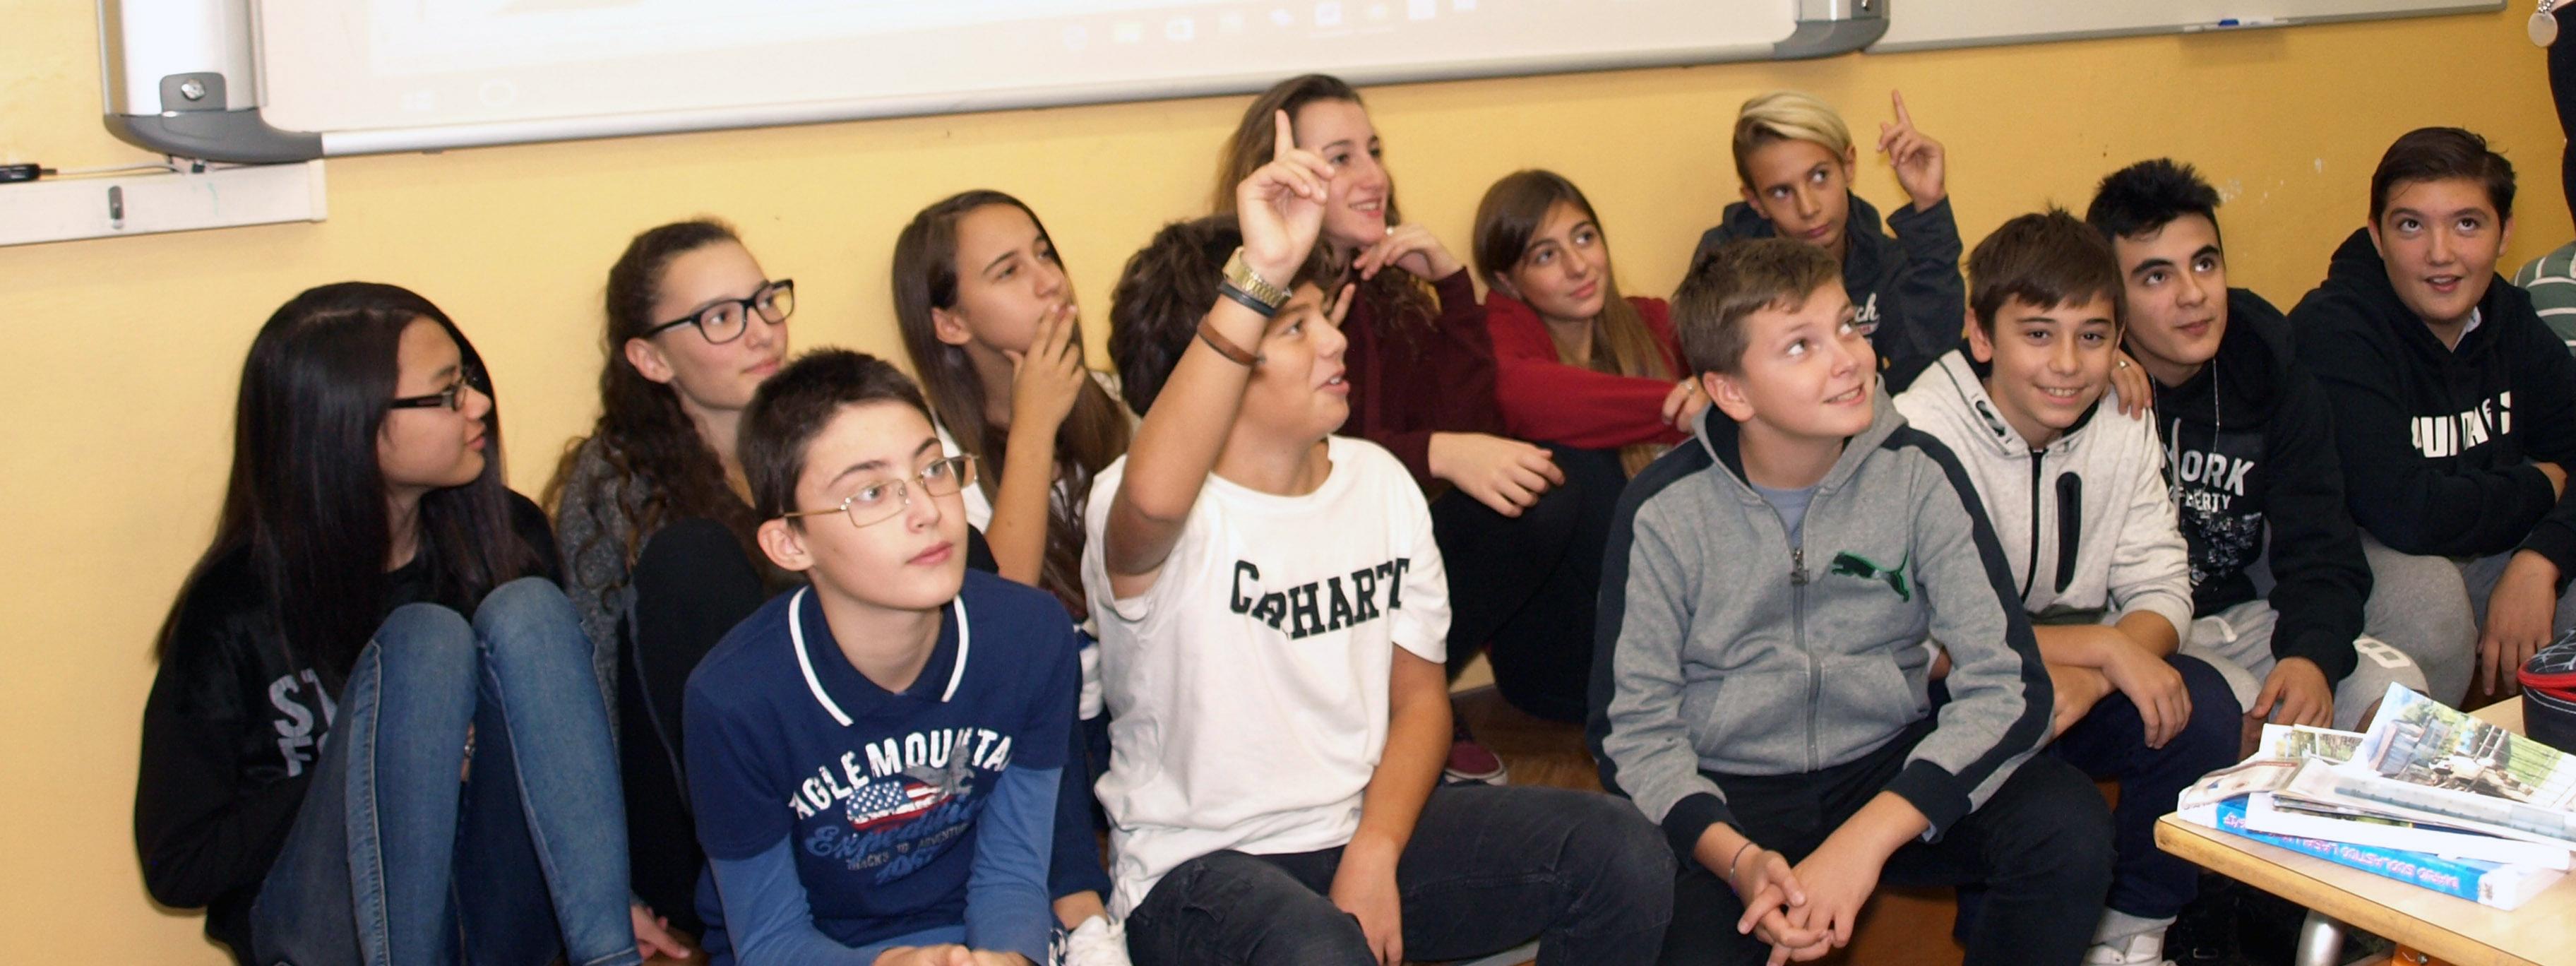 Istituto San Giuseppe La Salle Milano Scuola Secondaria_Head